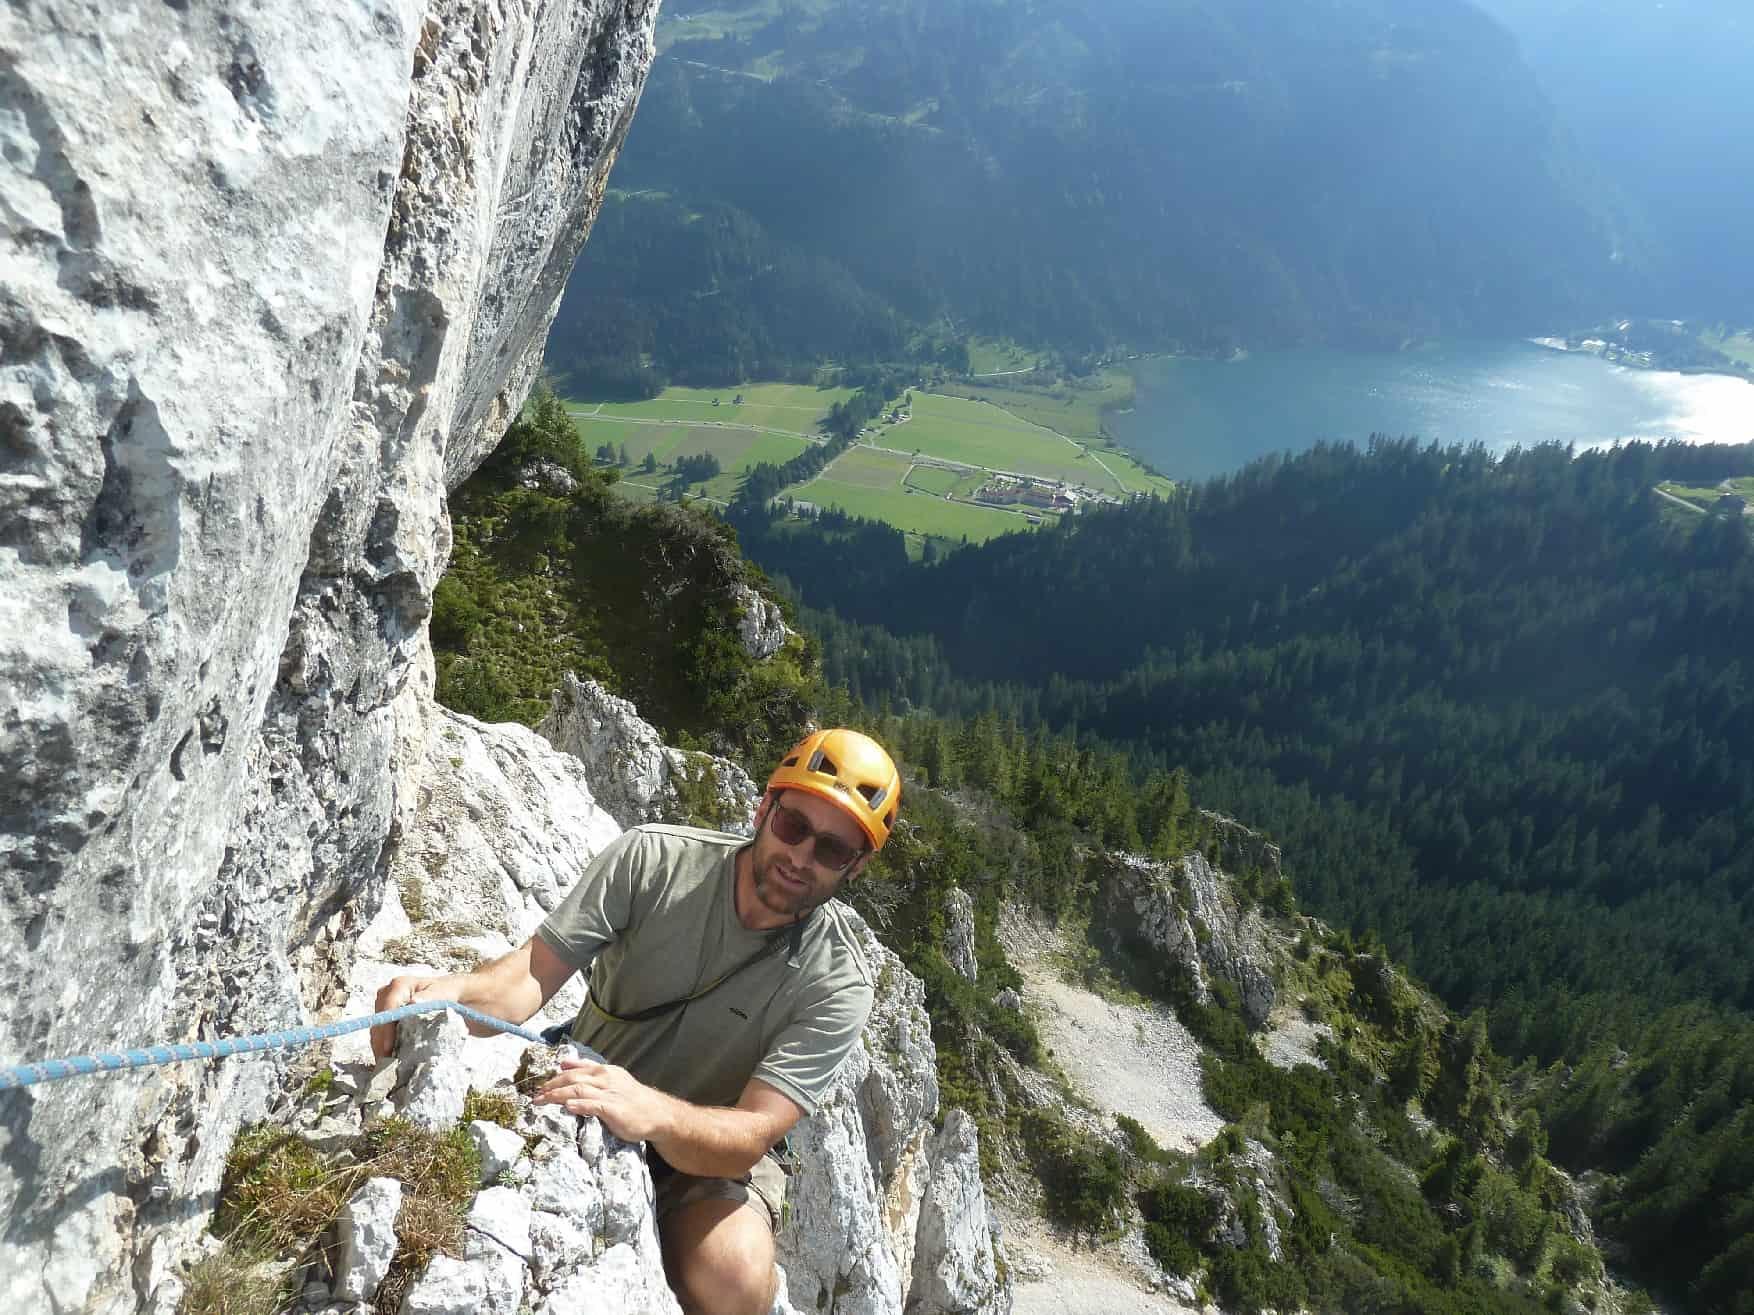 Alpin-Klettergarten Hallergehrenjoch